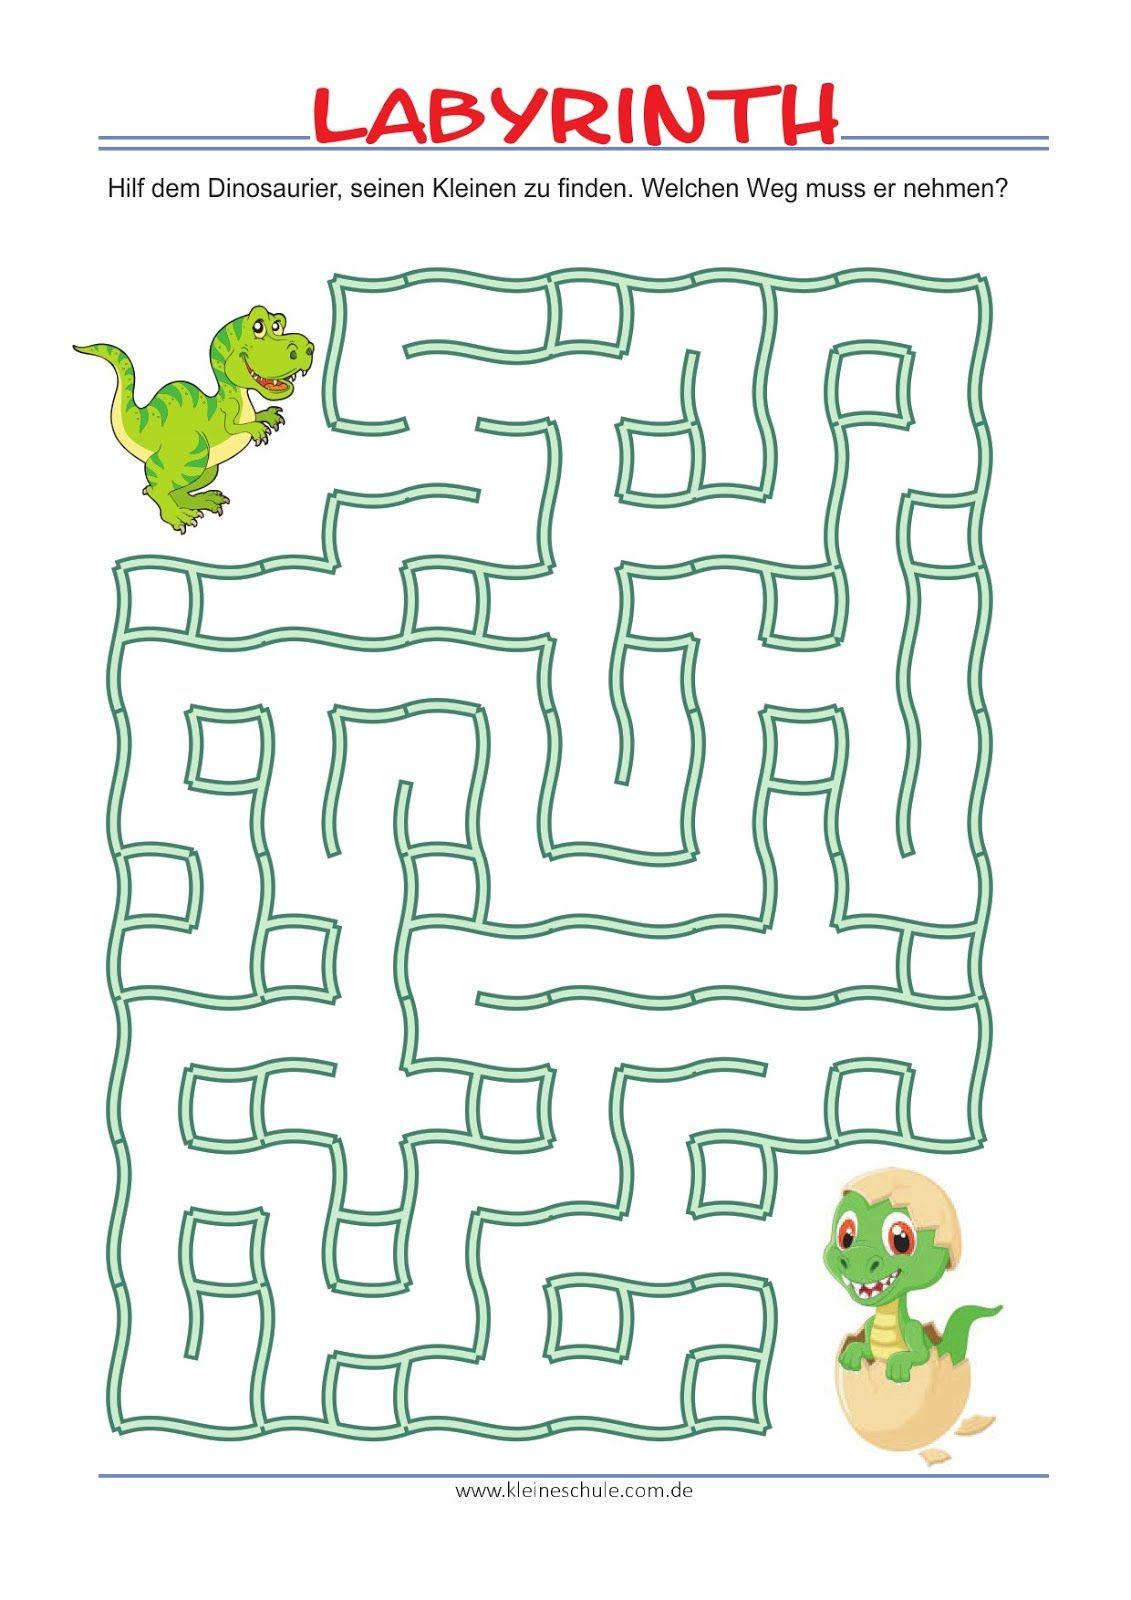 Labyrinth Maze Design For Kids Ideas 2019 | Rätsel Zum für Labyrinth Spiele Kostenlos